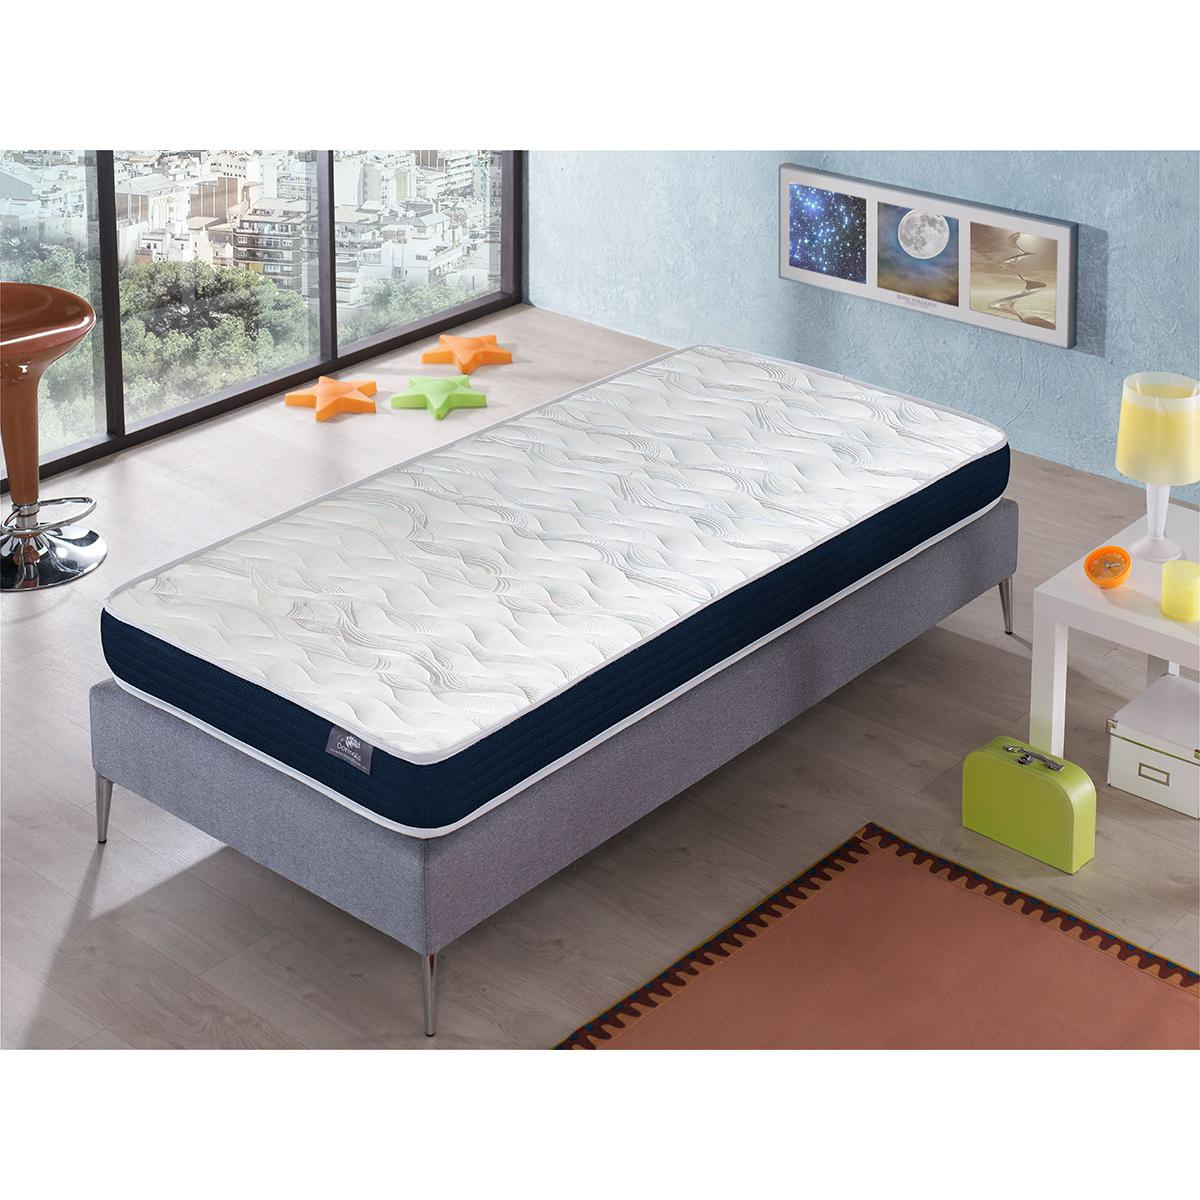 Dormalit Matelas 90X140 ERGO CONFORT Épaisseur 14 CM ? Rembourrage super soft - Juvénil - idéal pour les lits gigognes